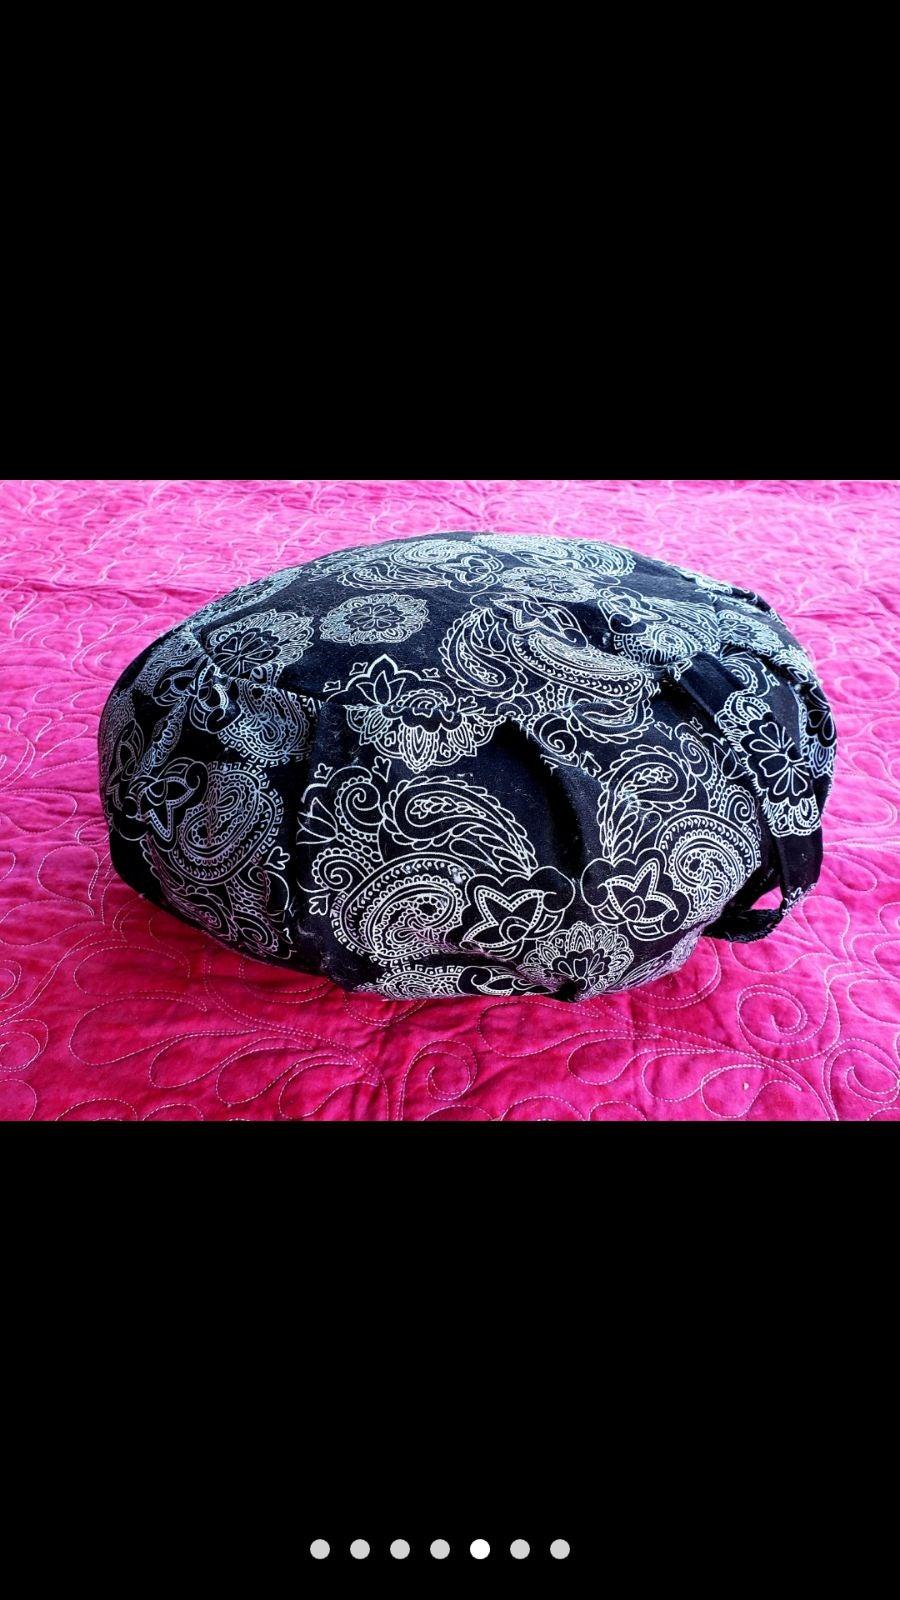 ON SALE Handmade zafu Meditation Cushion